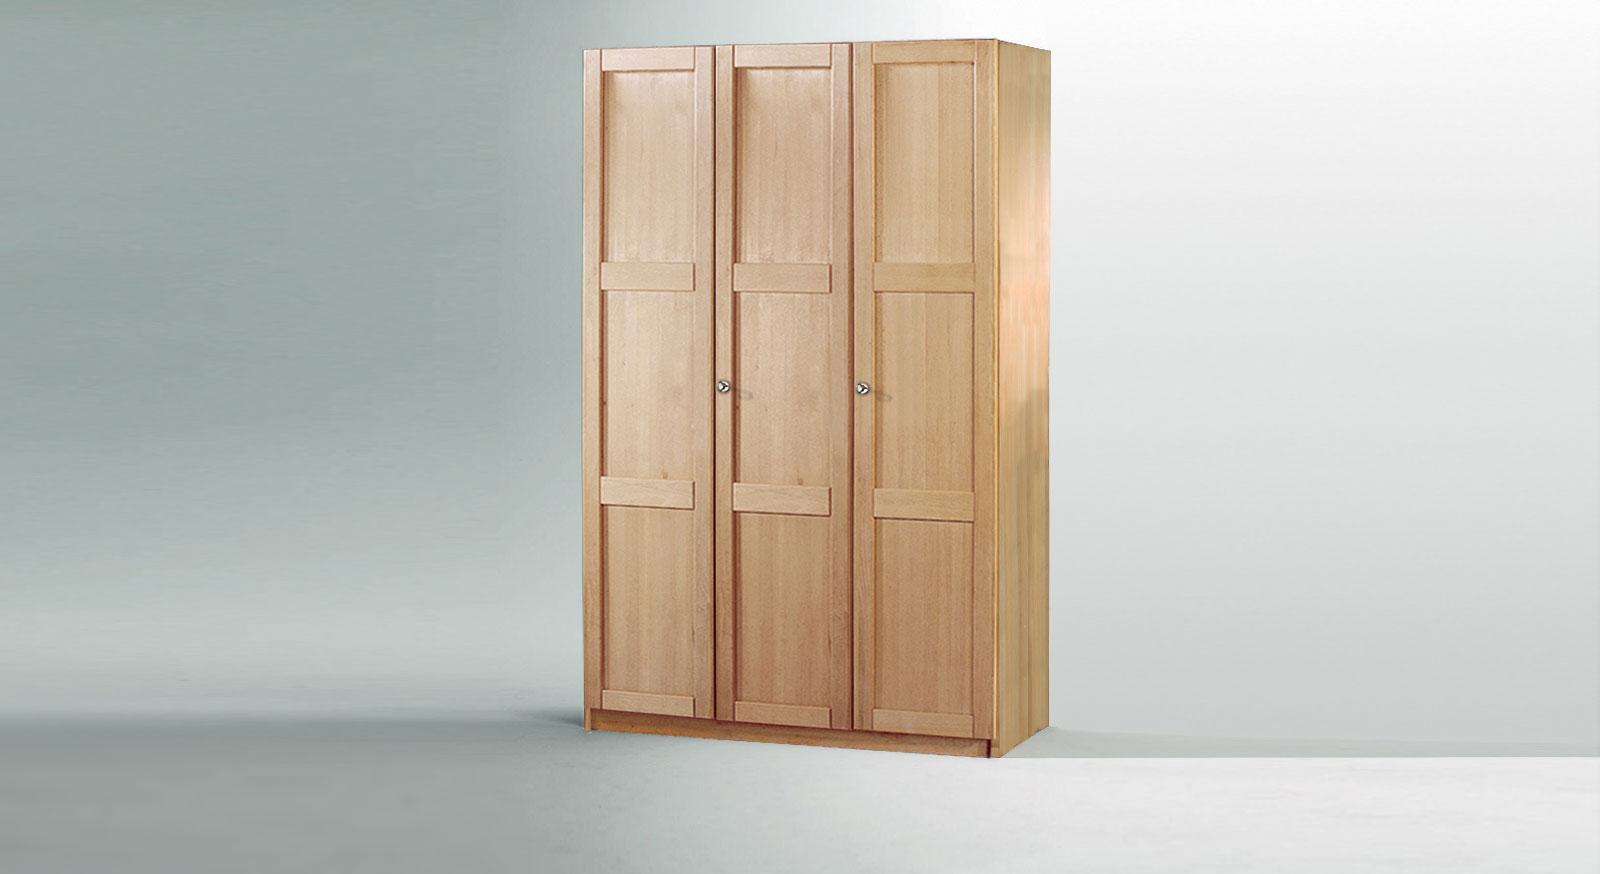 Drehtueren-Kleiderschrank Mira dreituerig als Variante 1 mit Holzfront